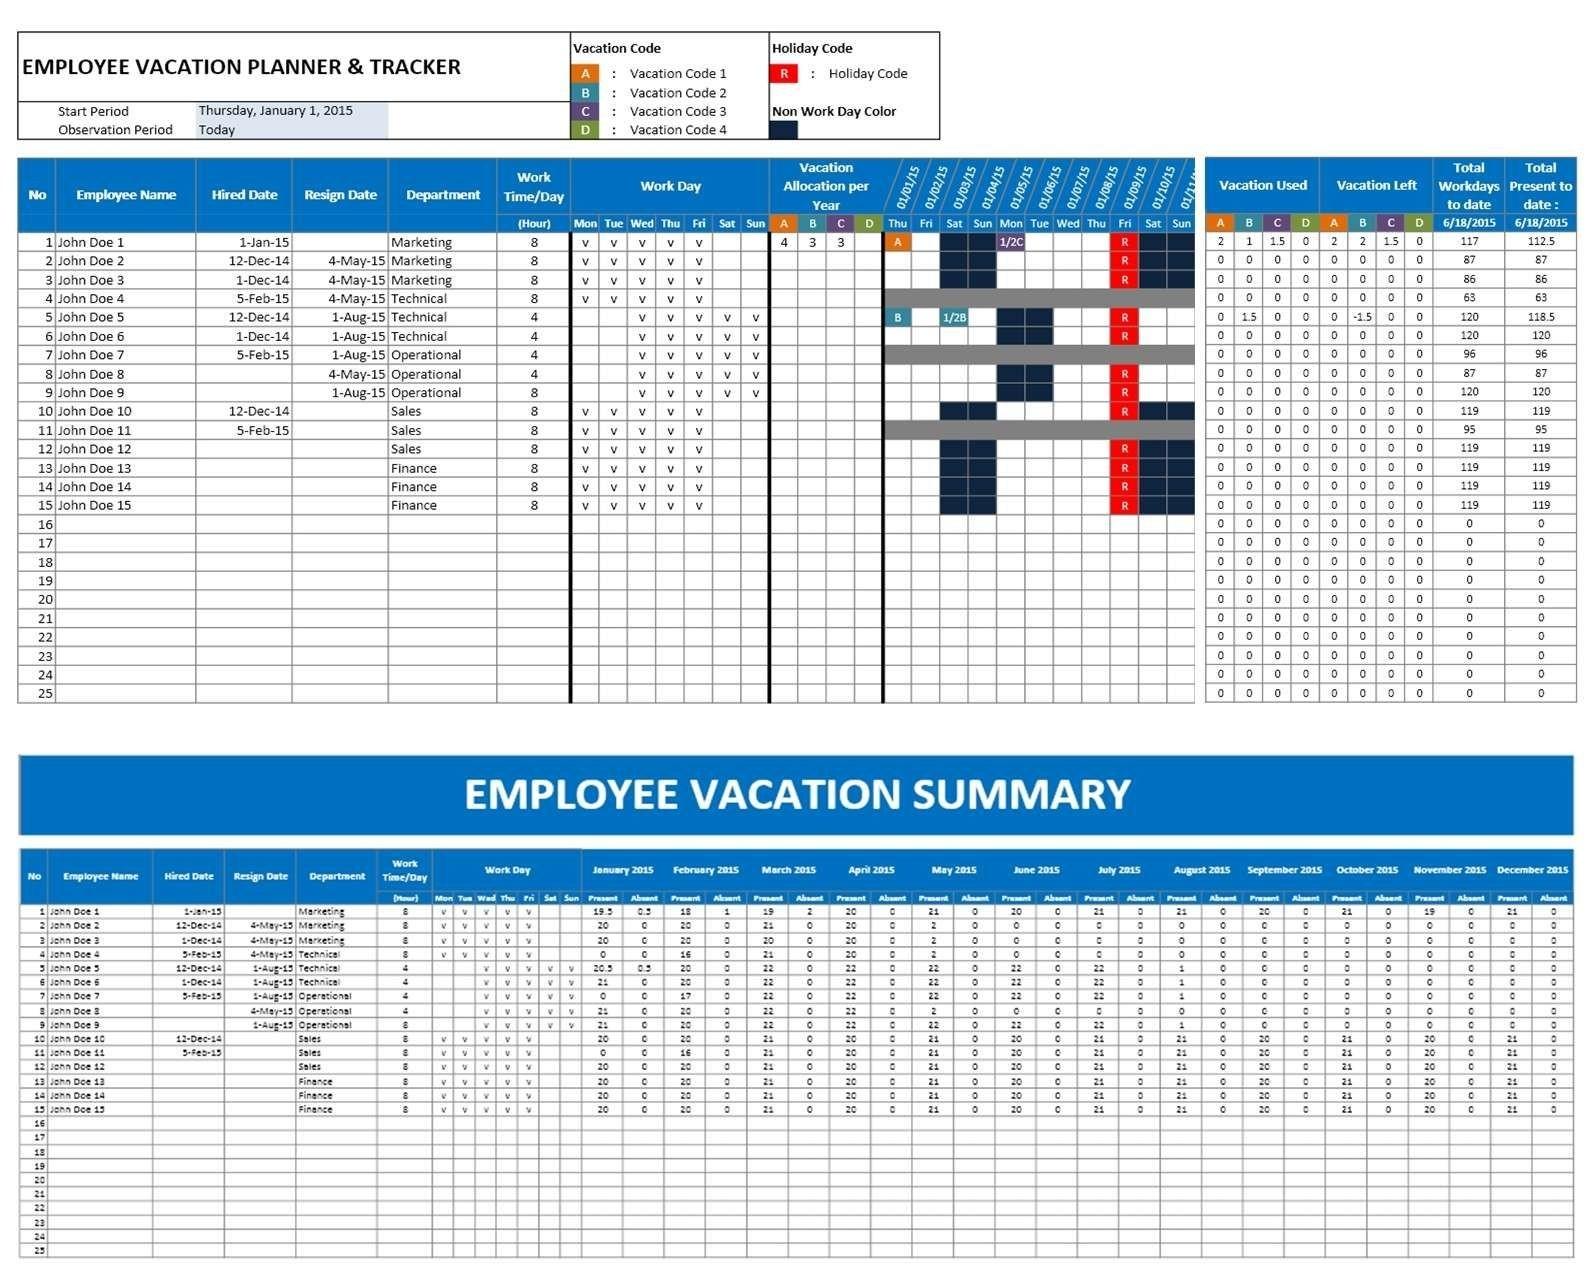 Employee Attendance Calendar Excel Template - Google Search-Attendance Calendars For Employee Template